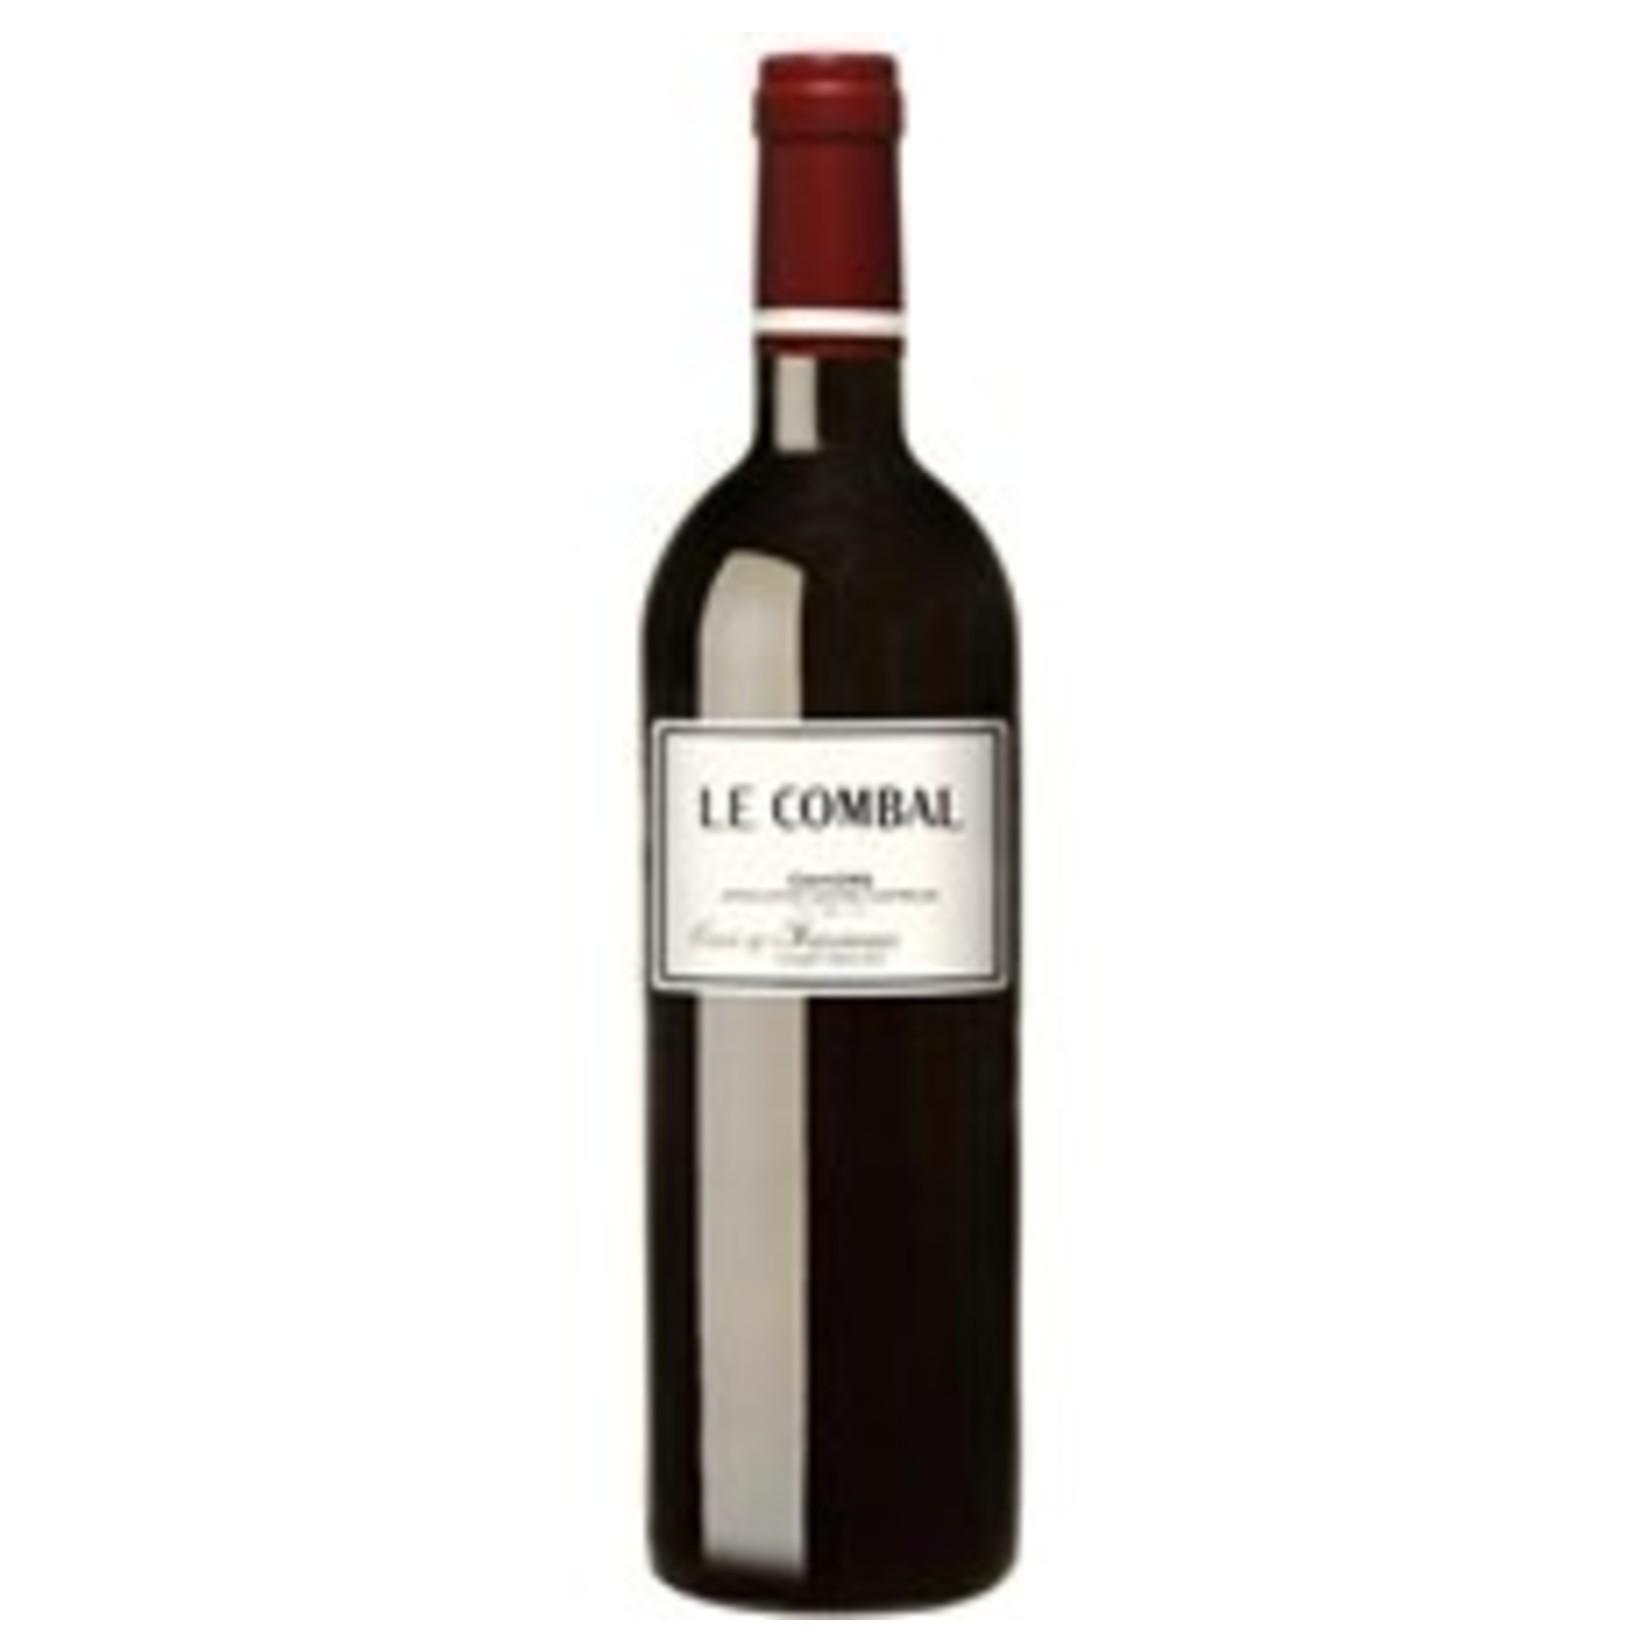 Cahors Le Combal, Domaine Cosse-Maisonneuve, 2016